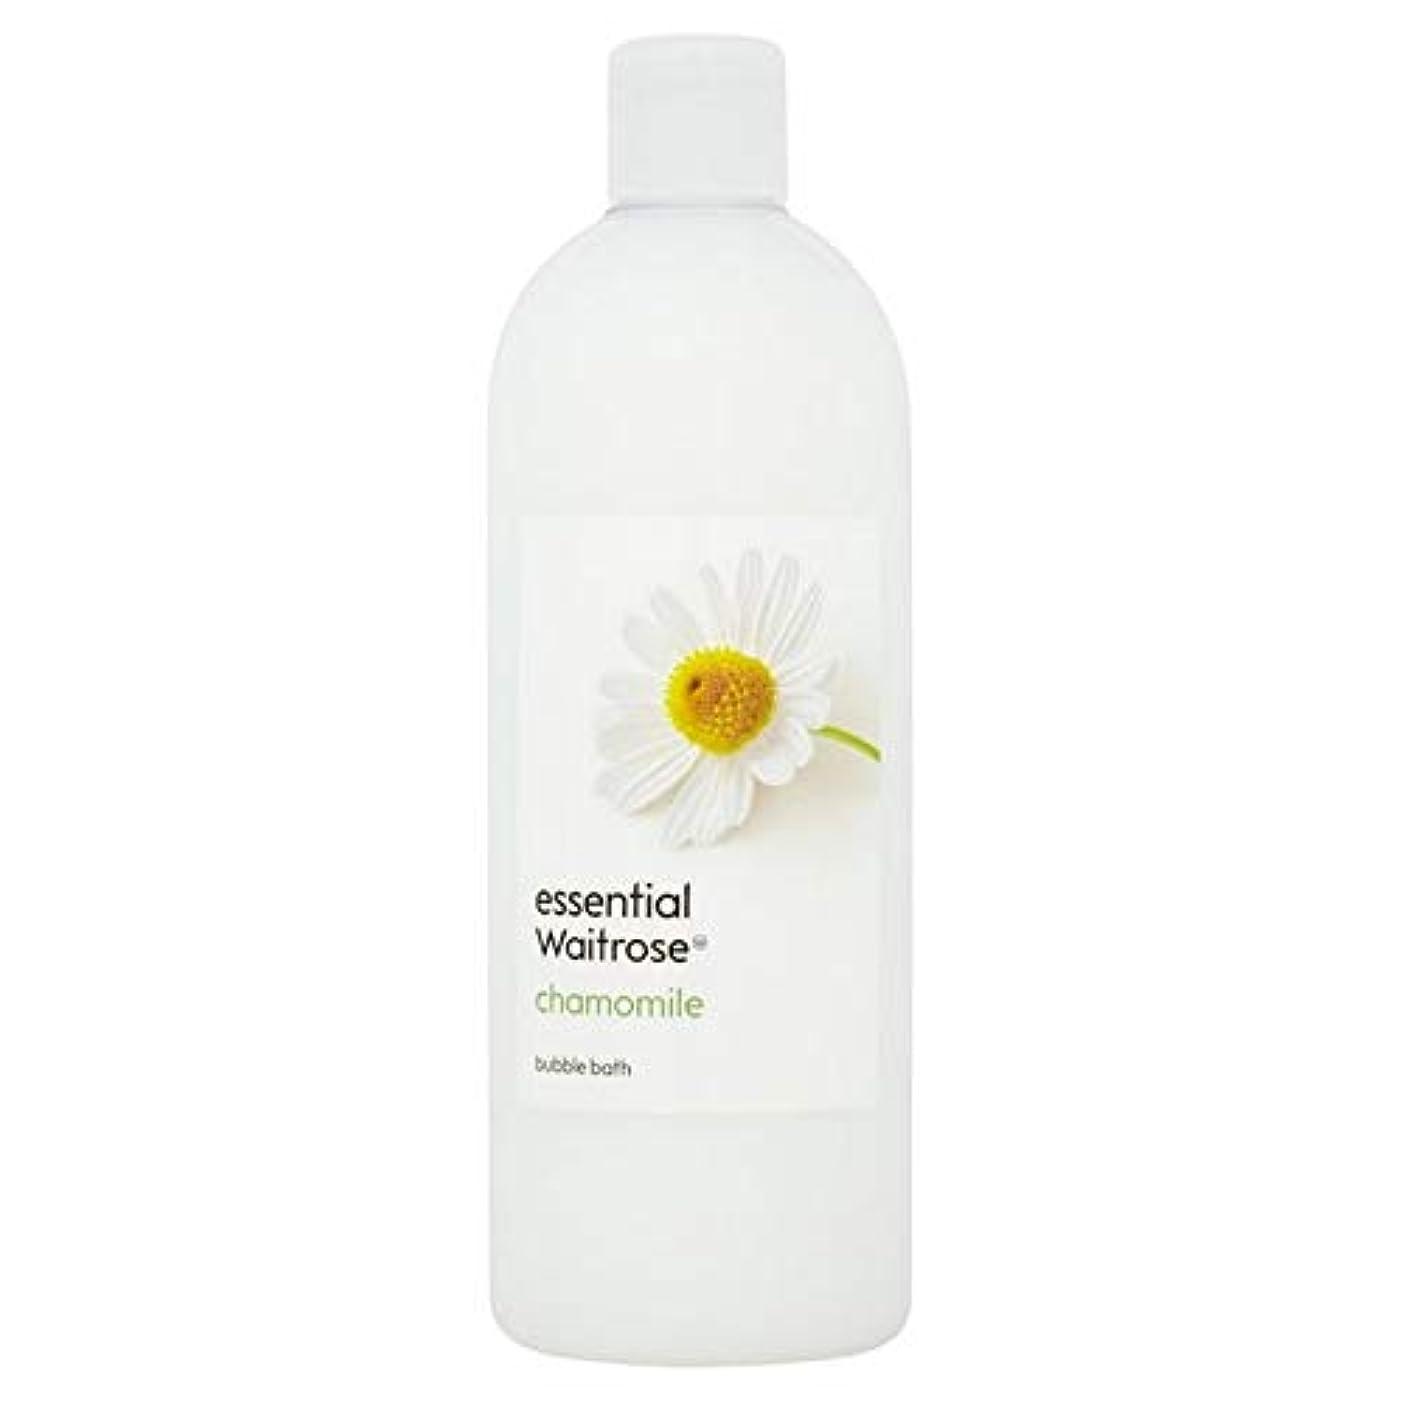 影響力のある手配するの面では[Waitrose ] 基本的なウェイトローズ泡風呂のカモミール750ミリリットル - Essential Waitrose Bubble Bath Chamomile 750ml [並行輸入品]